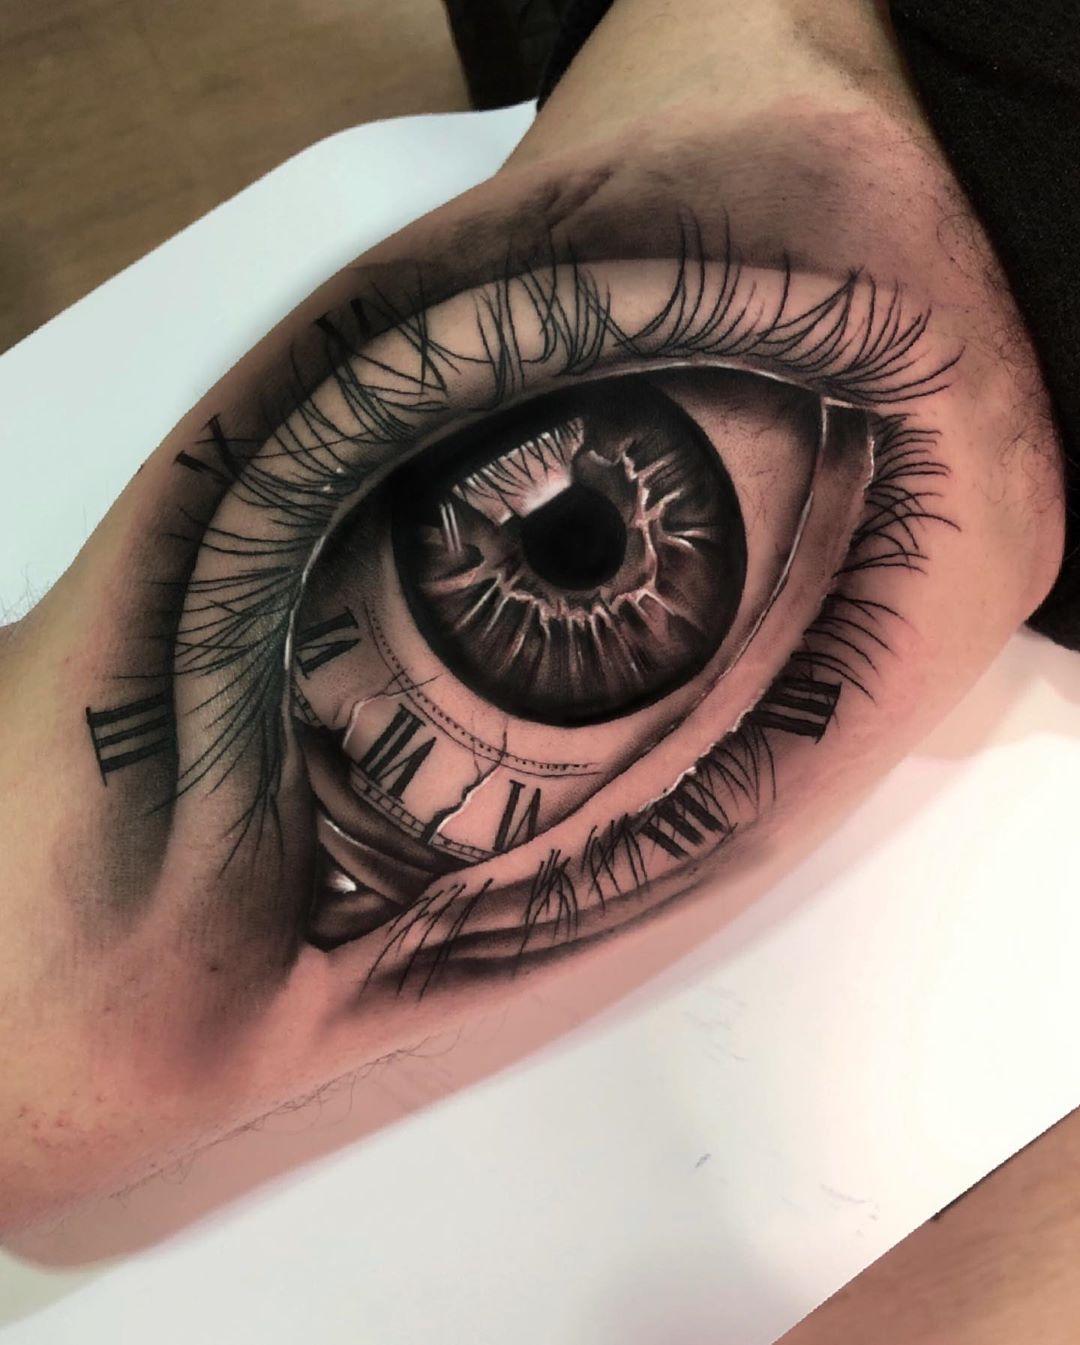 followforfollow,berlin,followmeciudadreal,ciudadreal,tomelloso,almagro,puertollano,tatuajesenpuertollano,tatuajesendaimiel,ciudadrealtattoo,ciudadrealtatuajes,tatuajesciudadreal,follow,ciudadrealtatuajes,puertollano,tattooers,besttattooers,juantabasco,ciudadrealsetatua,ink,tatuajes,realismo,realistictattoo,ciudadrealtattoo